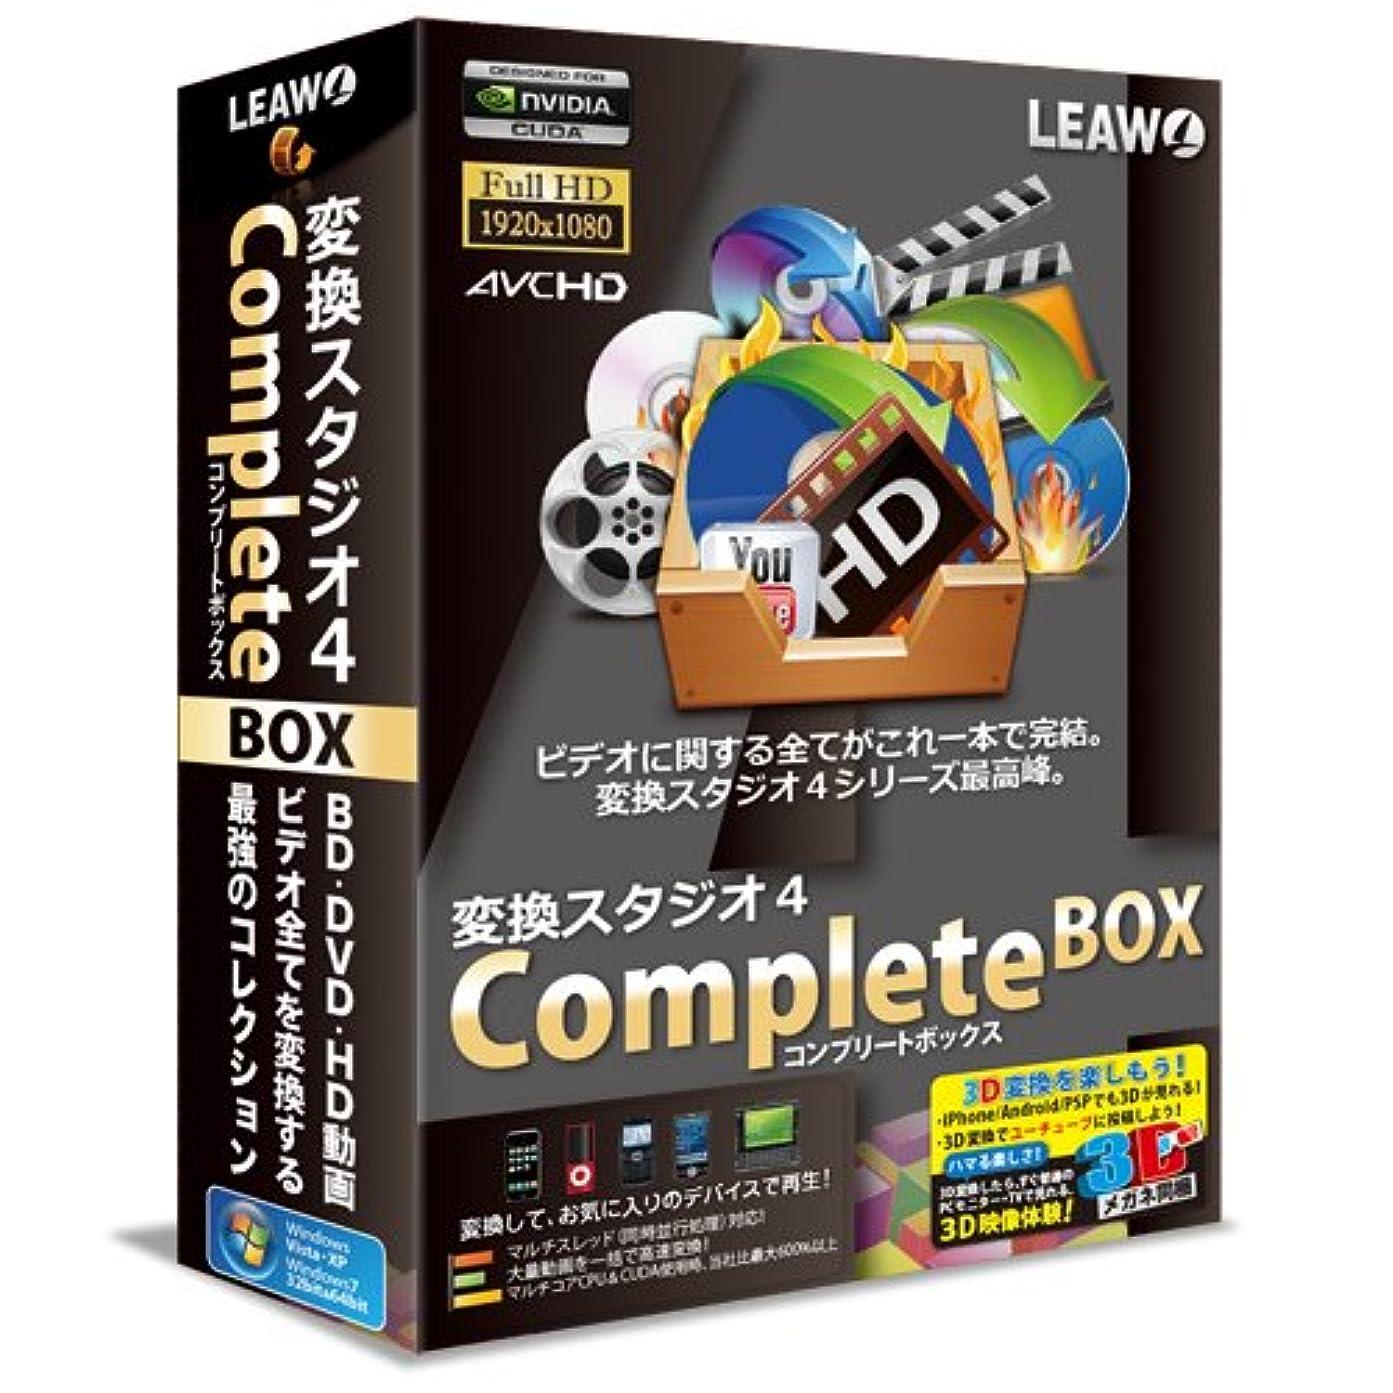 寛容失アミューズメント変換スタジオ 4 Complete BOX with 3Dメガネ